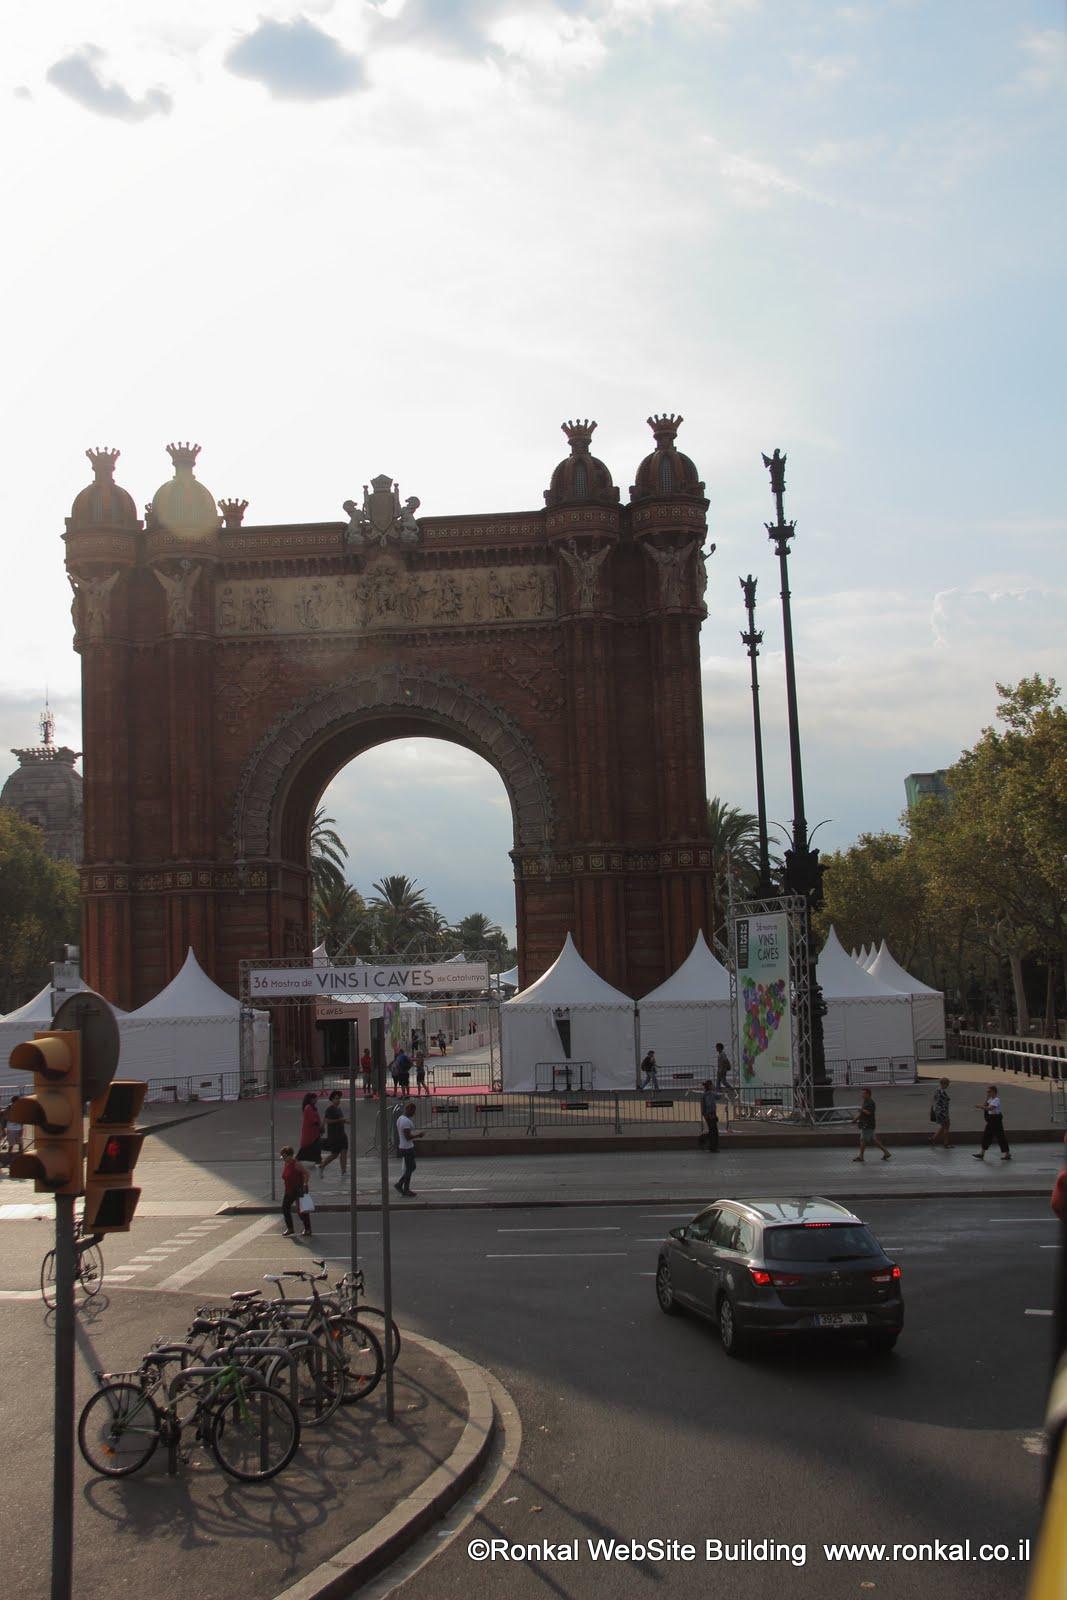 שער הניצחון בפארק המצודה בברצלונה